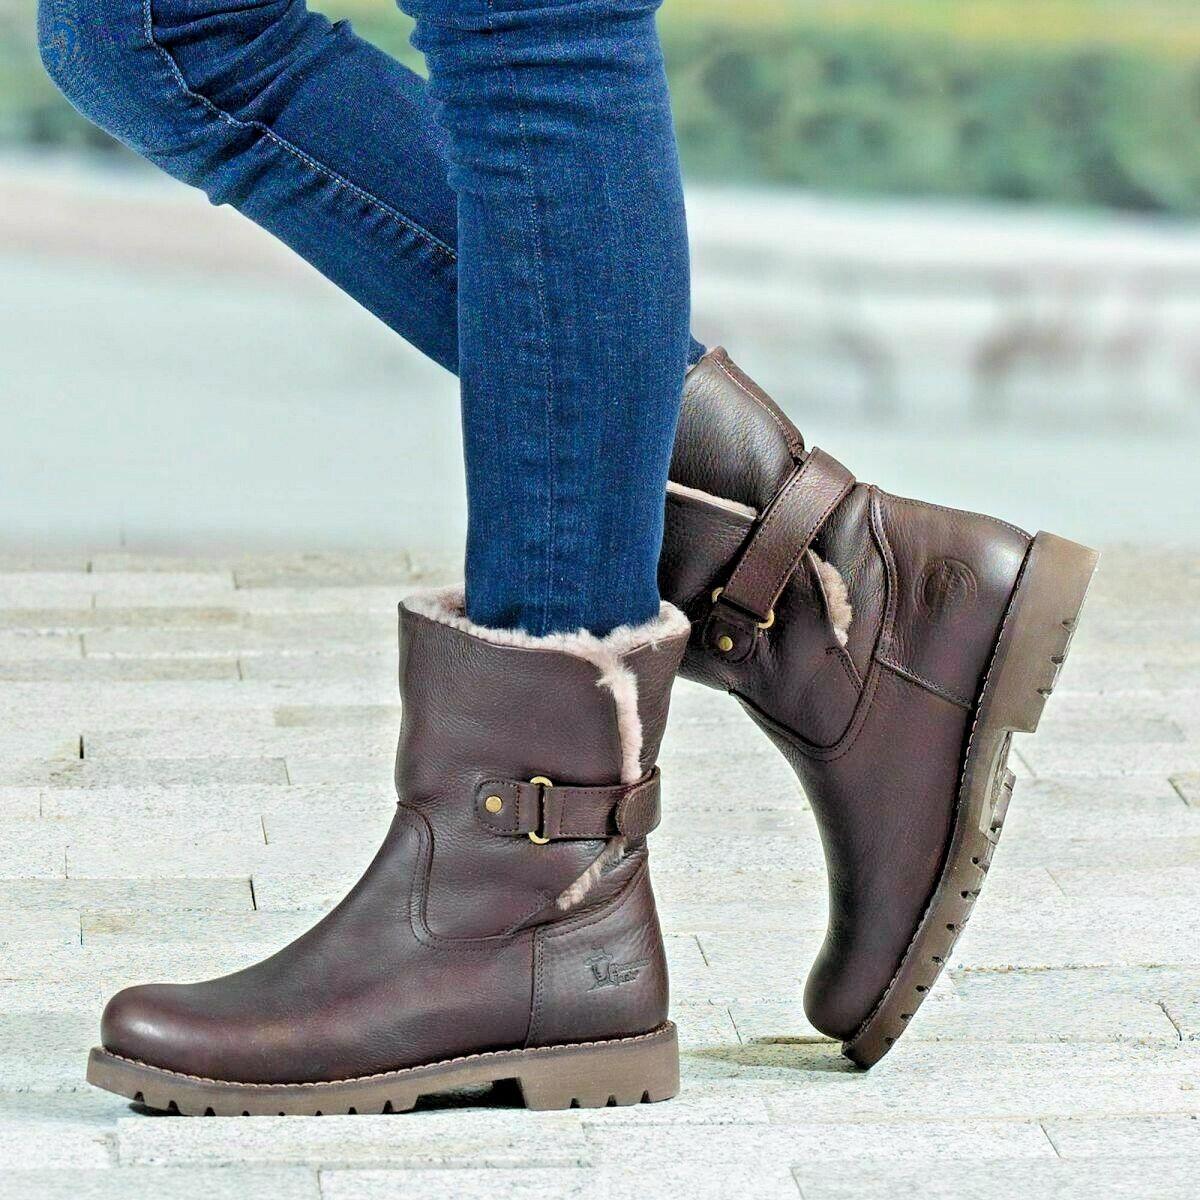 per il commercio all'ingrosso Pnanama Jack Leather stivali stivali stivali Dimensione 41  economico online